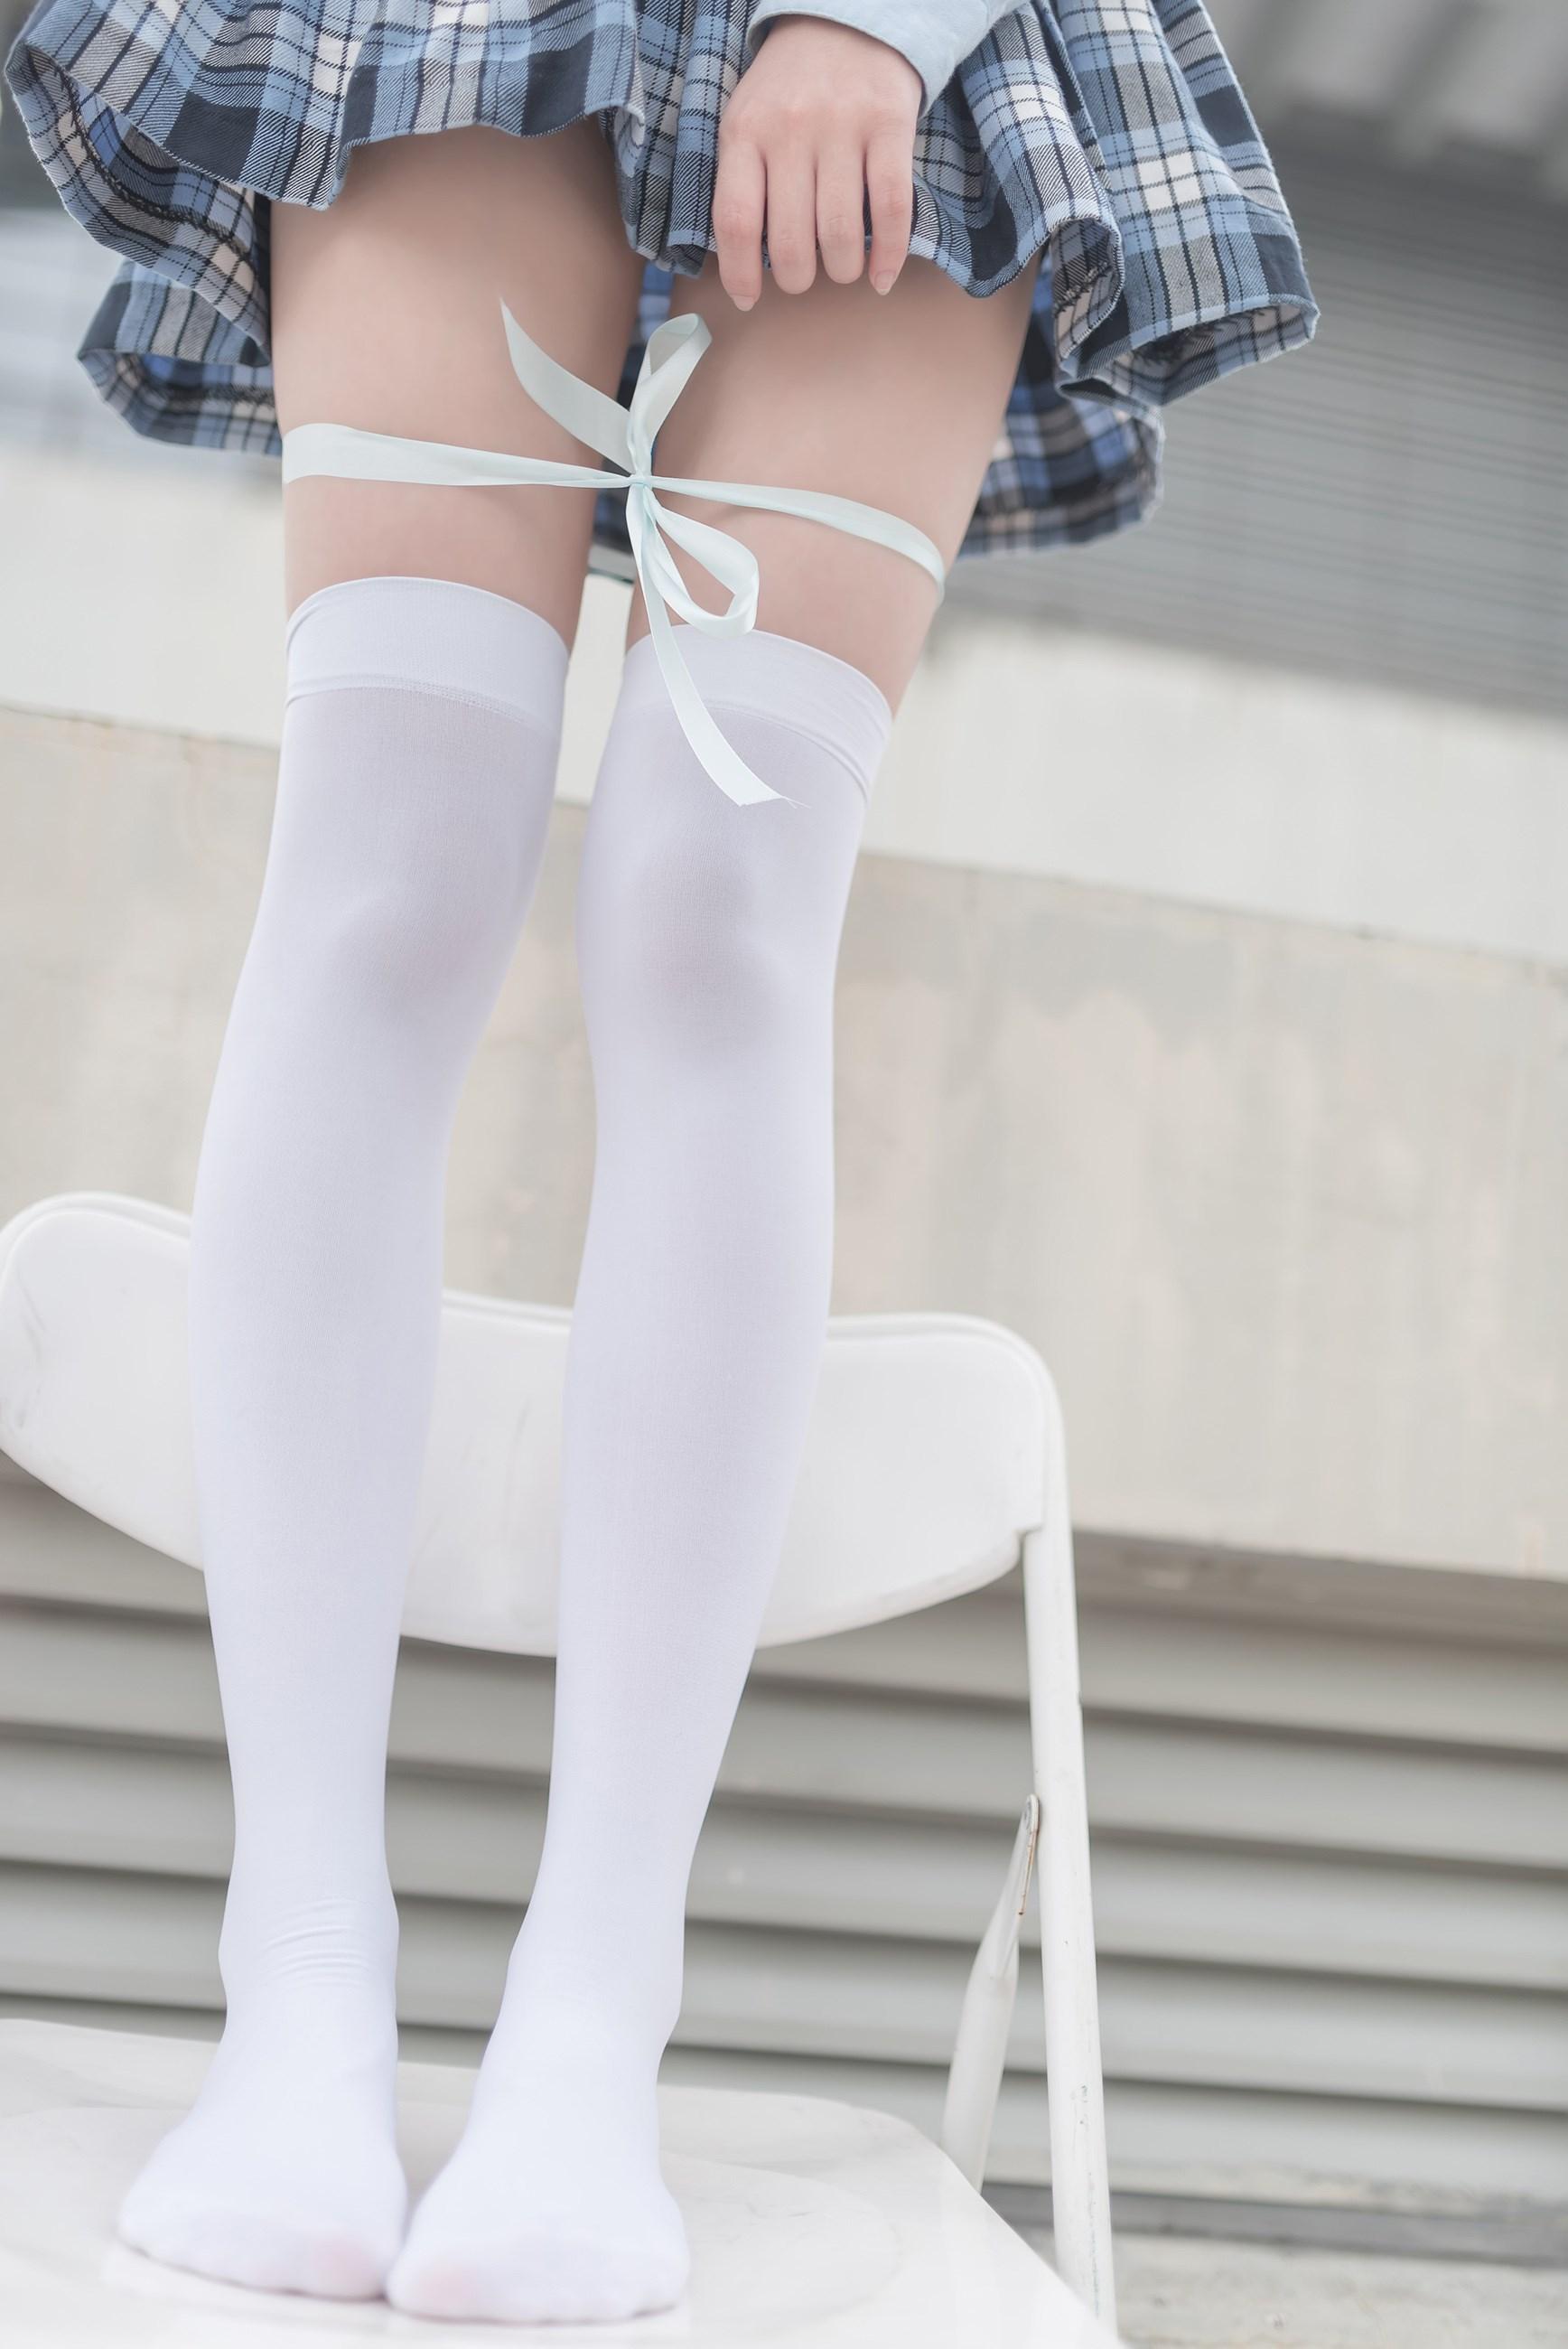 【兔玩映画】白丝格裙 兔玩映画 第22张